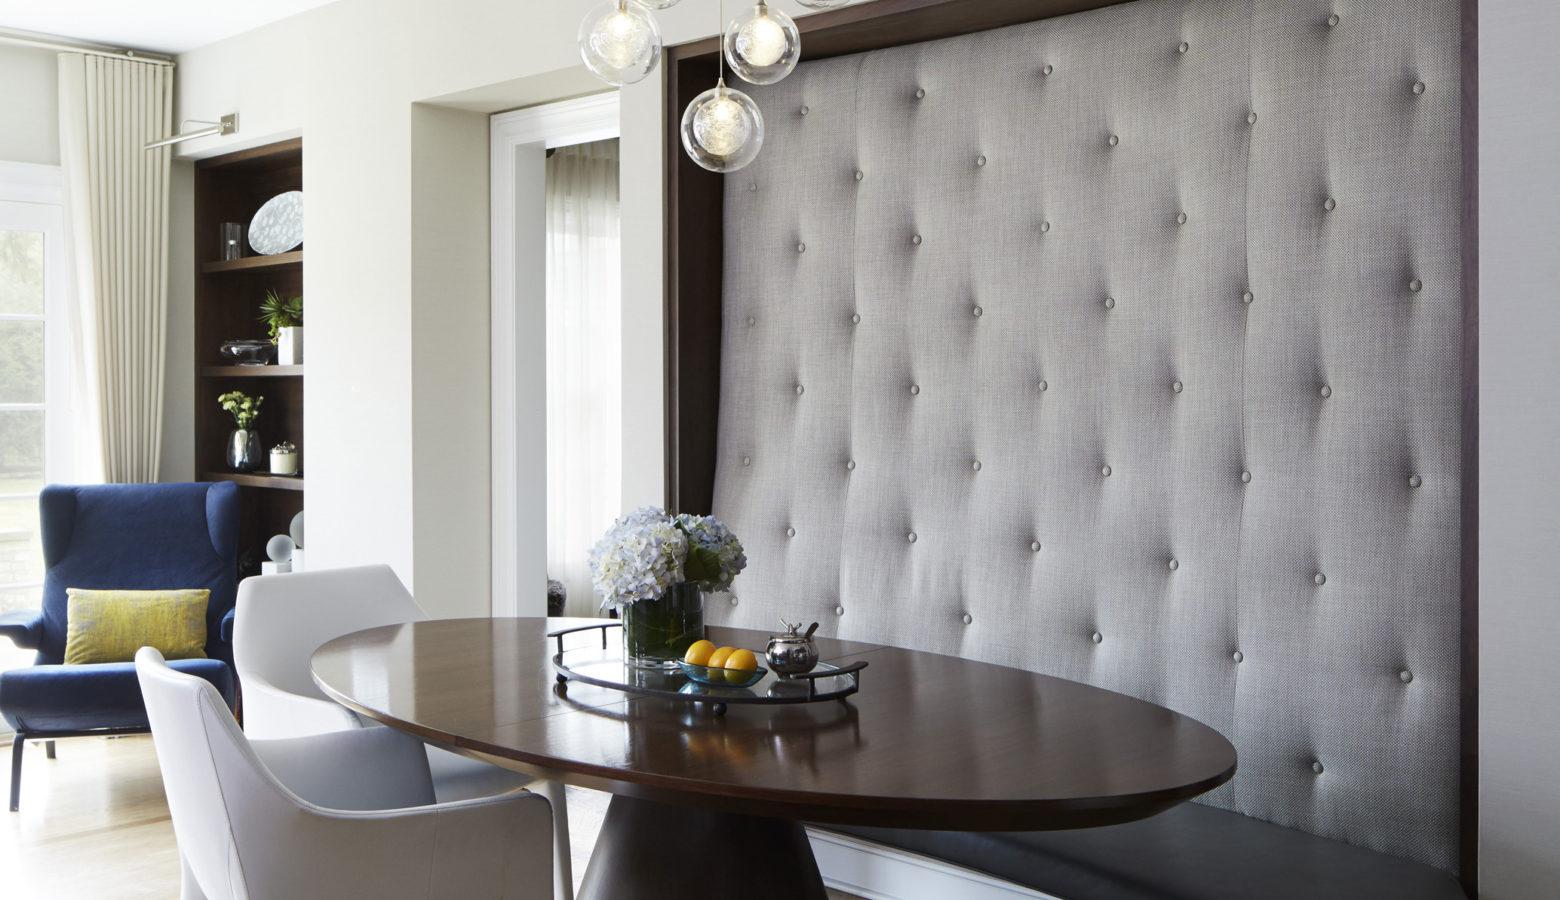 Kitchen Design Ideas:  10 Breakfast Areas We Love